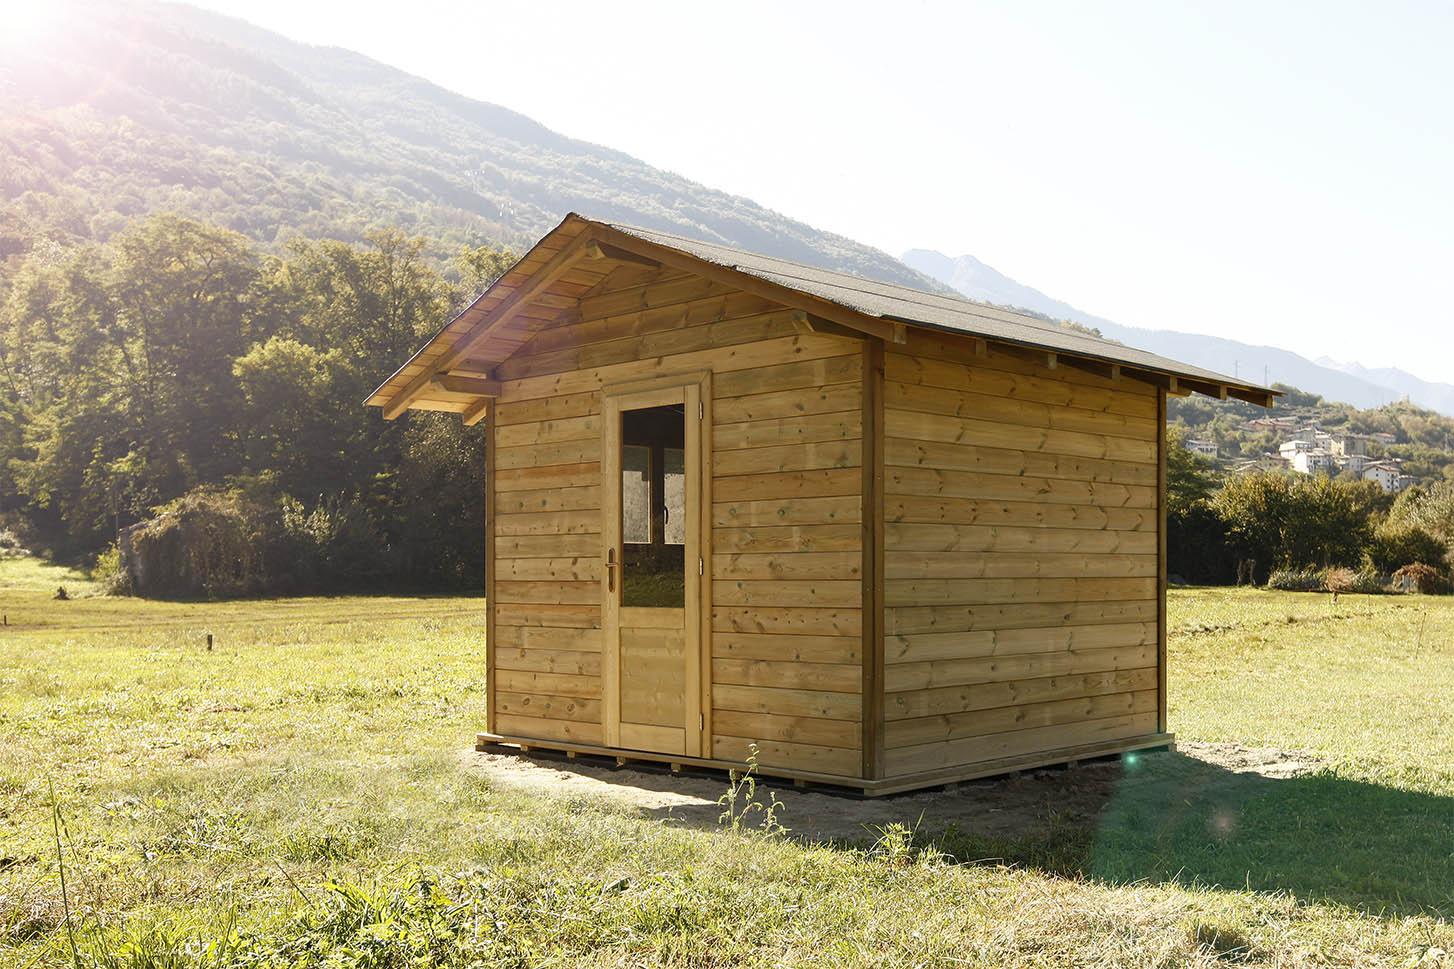 Casetta in legno di pino impregnato realizzato da Linea Montanalegno - ILT